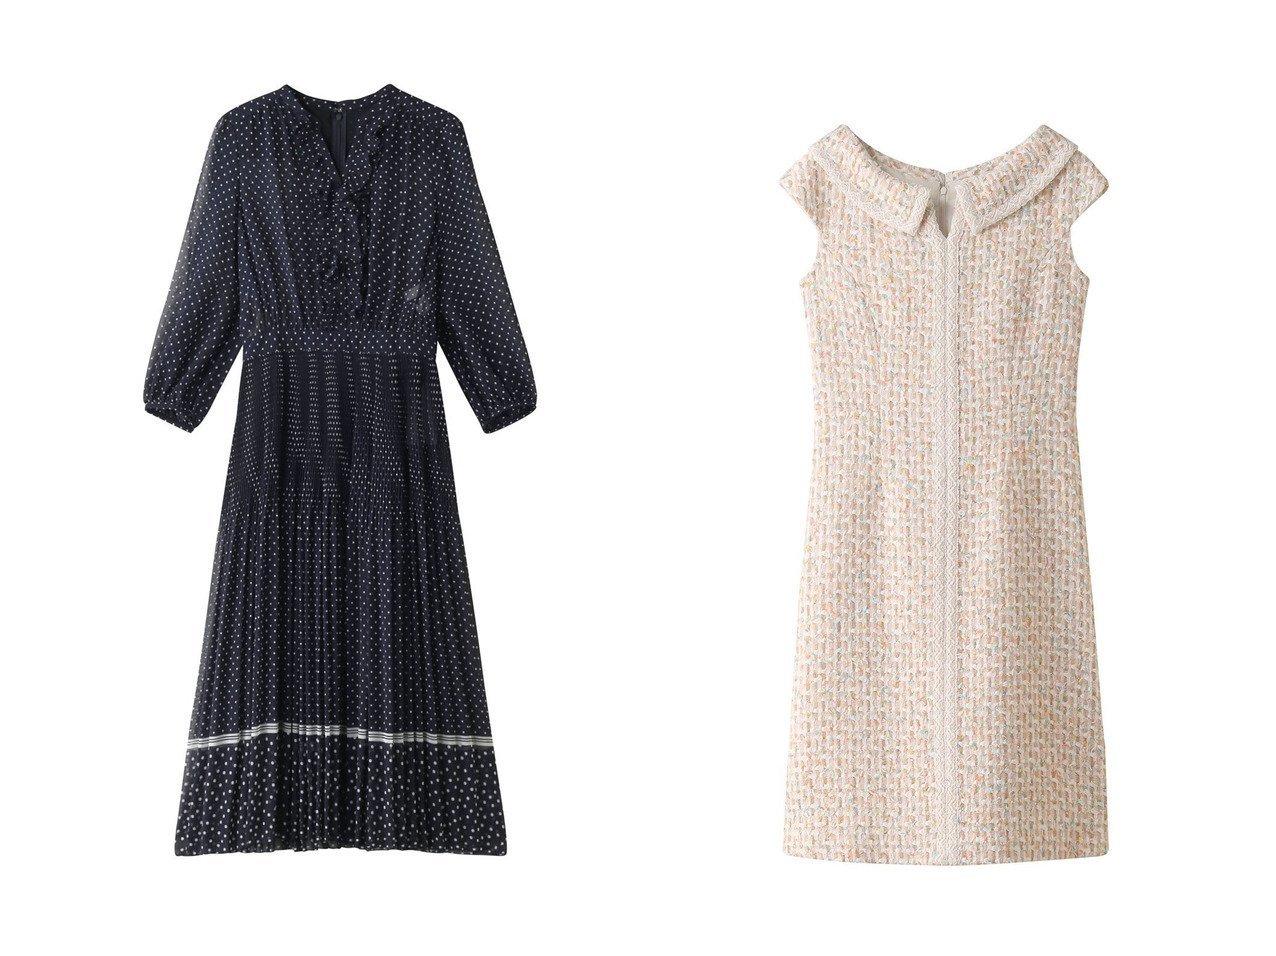 【ANAYI/アナイ】のラインドットPTフリルワンピース&カラーミックスツイードエリツキワンピース ワンピース・ドレスのおすすめ!人気、トレンド・レディースファッションの通販 おすすめで人気の流行・トレンド、ファッションの通販商品 メンズファッション・キッズファッション・インテリア・家具・レディースファッション・服の通販 founy(ファニー) https://founy.com/ ファッション Fashion レディースファッション WOMEN ワンピース Dress エアリー クラシカル ドット パーティ フリル プリーツ ツイード フェミニン ミックス 春 Spring  ID:crp329100000012527